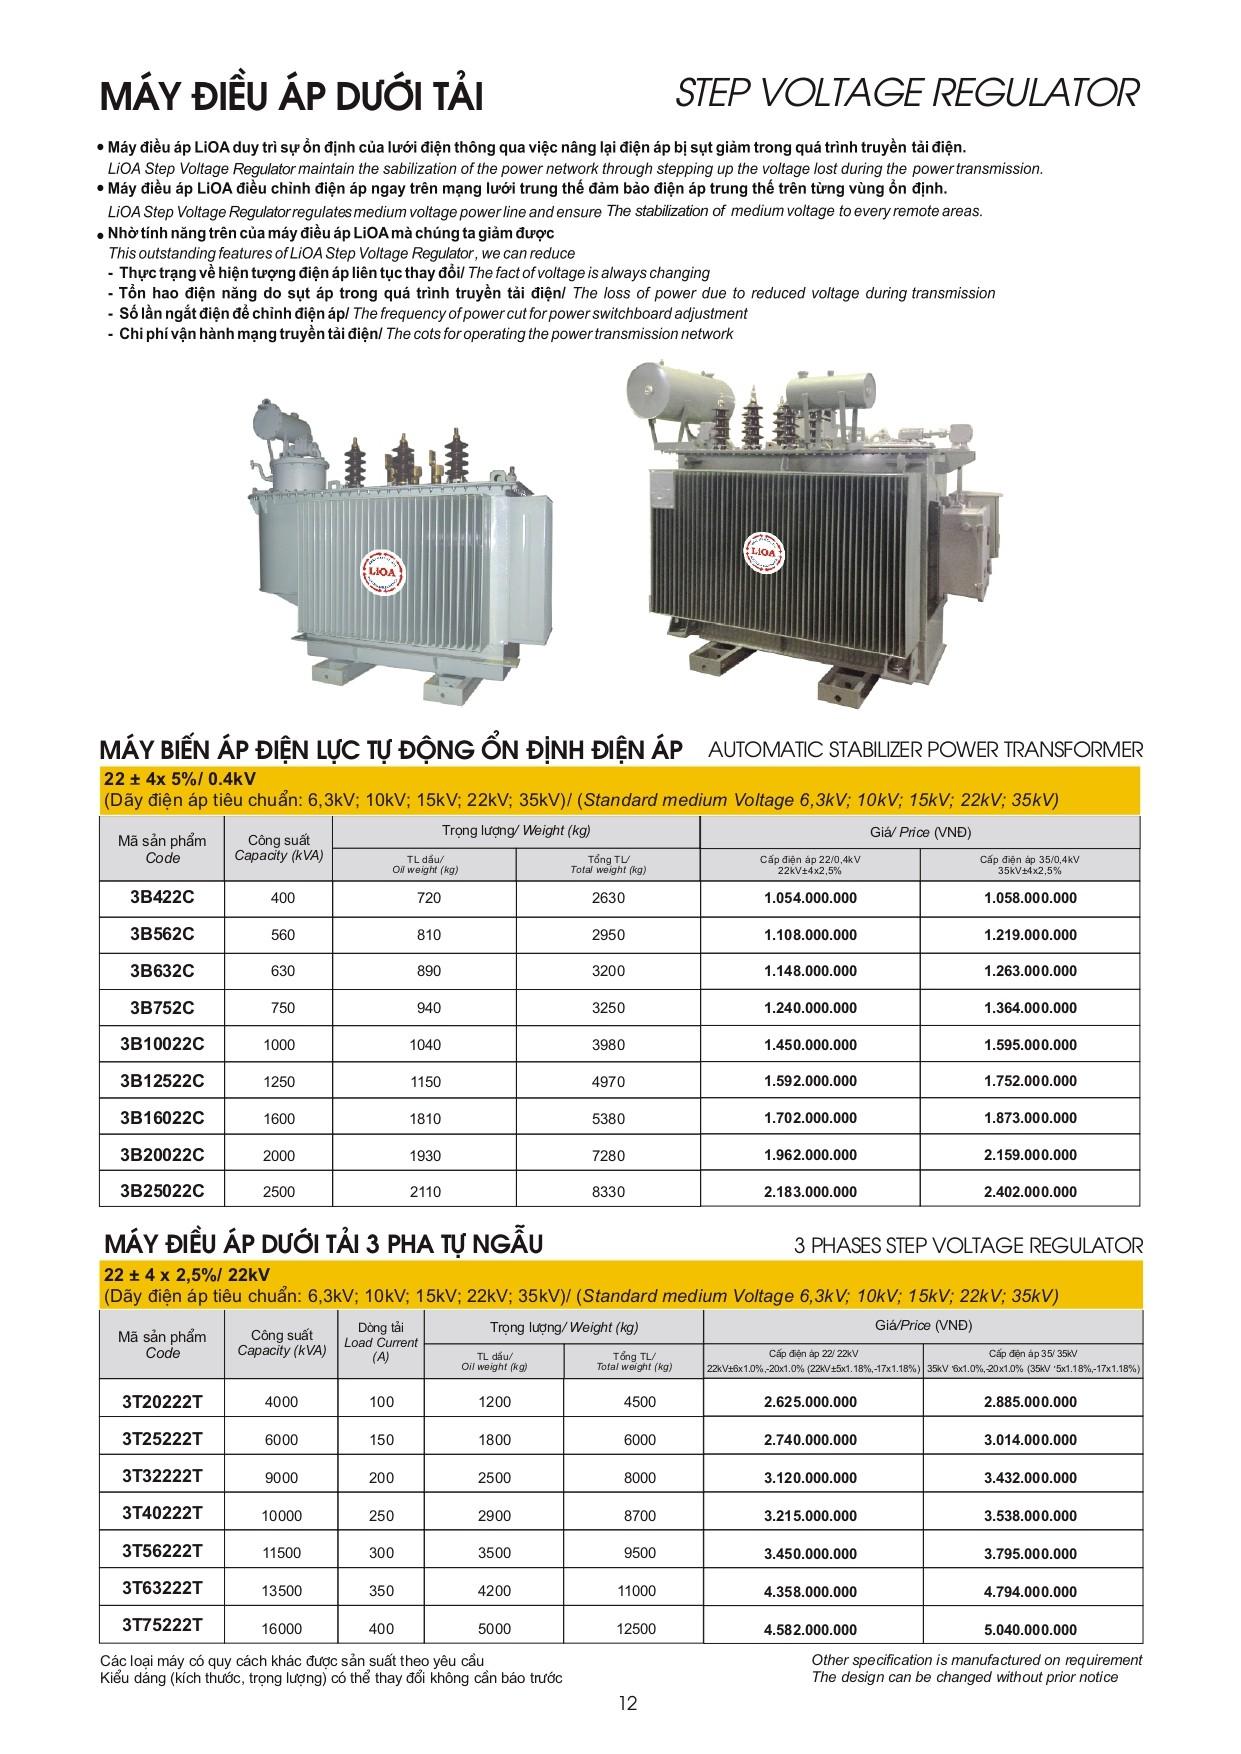 Bang gia LiOA page 0012